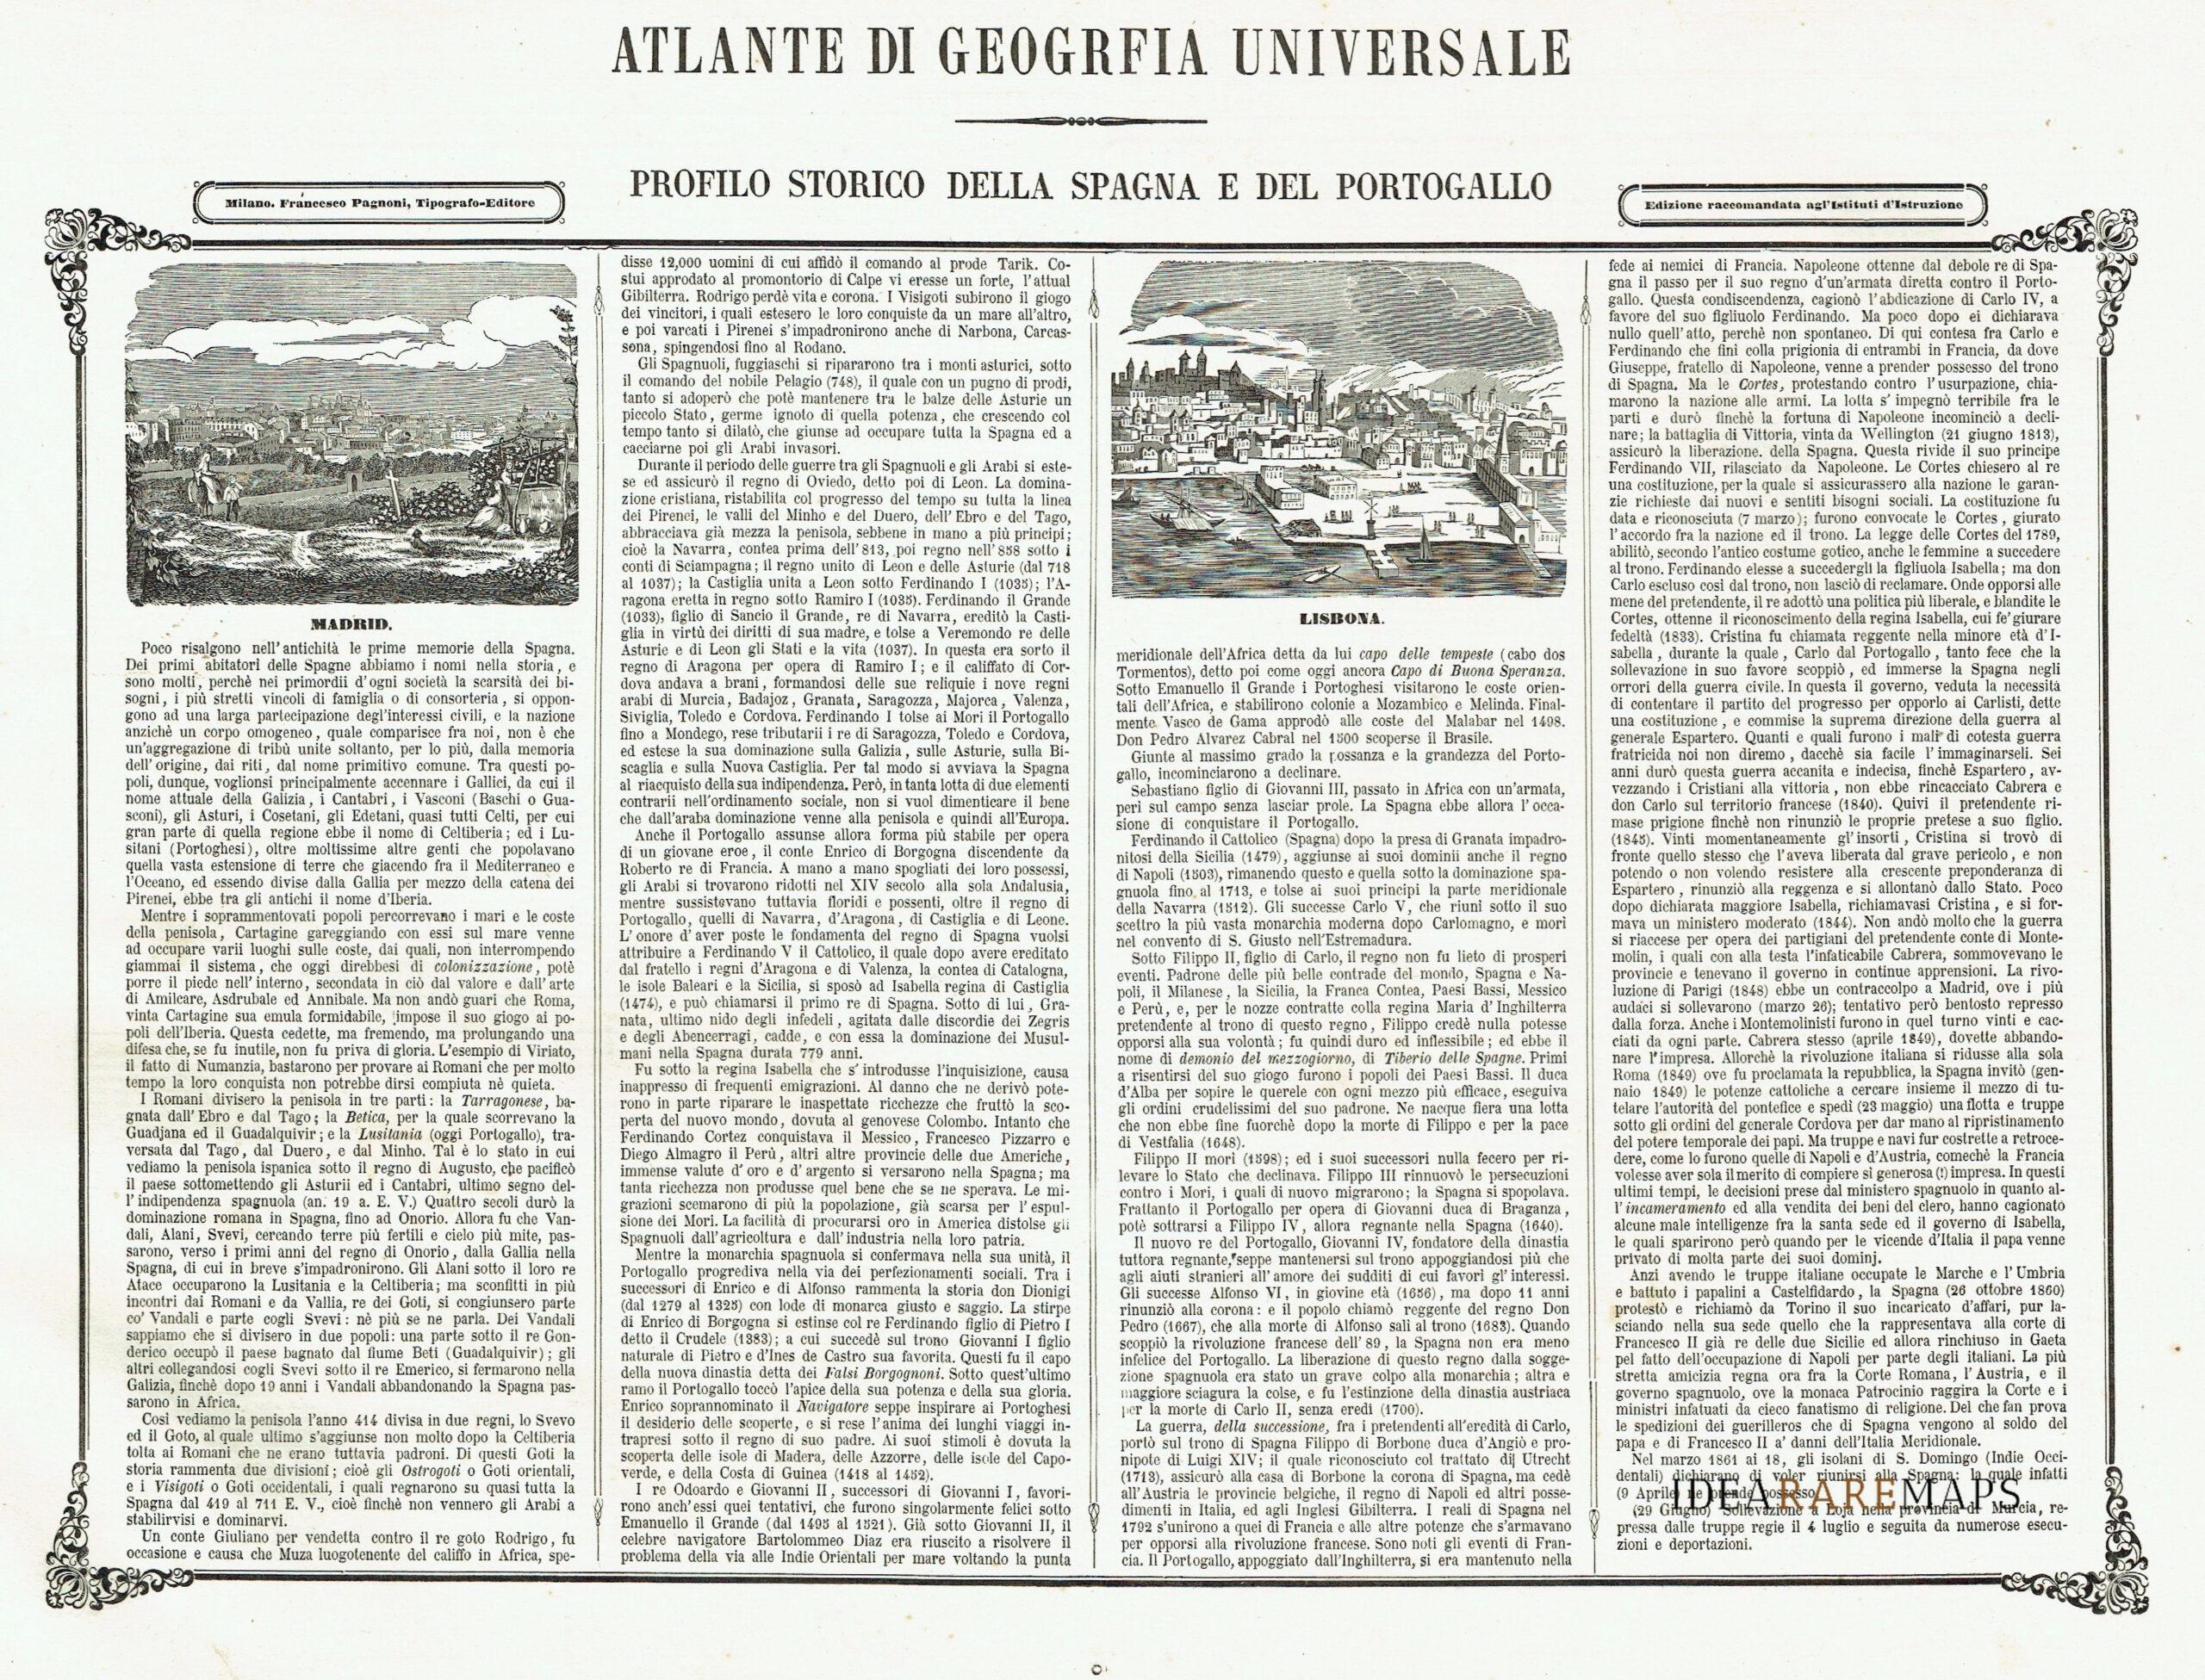 Cartina Geografica Spagna E Formentera.Antica Carta Geografica Spagna E Portogallo Naymiller Idea Rare Maps